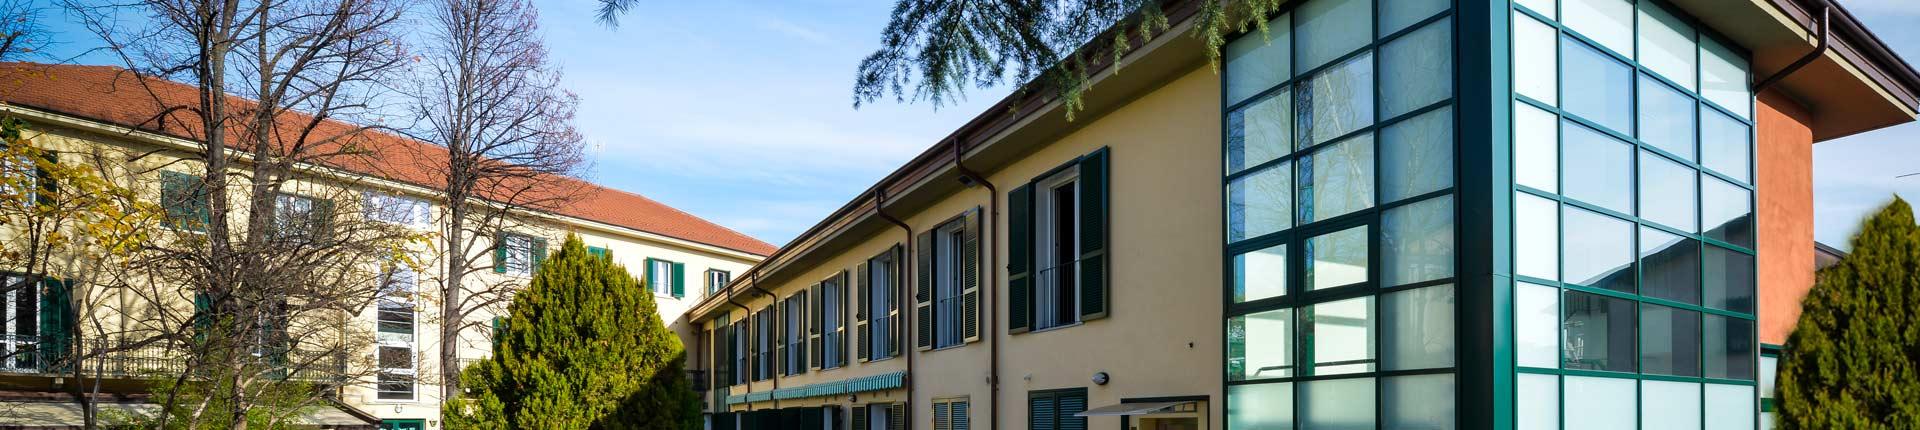 Residenza Villa Serena casa di riposo RSA Carmagnola